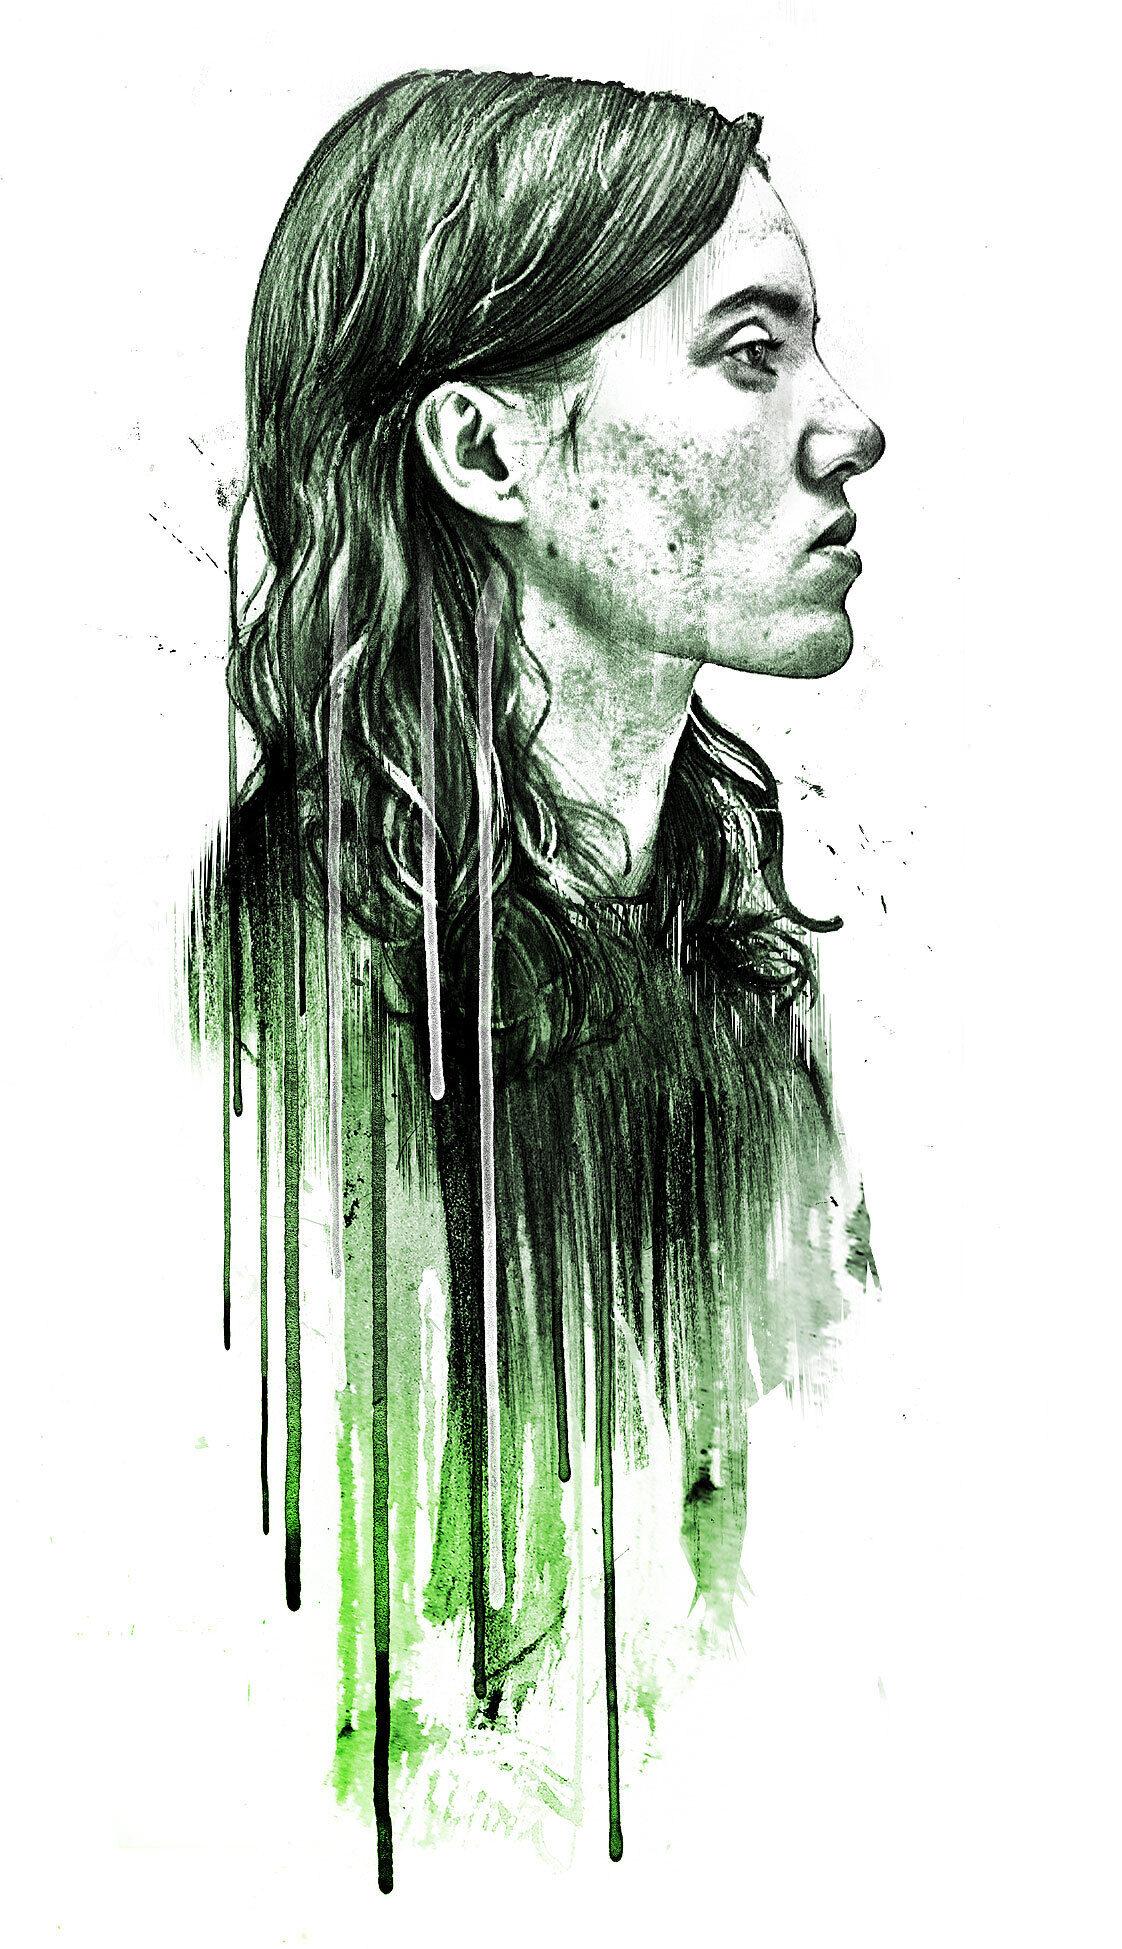 Tami Glauser Gruene Illustration - Kornel Illustration | Kornel Stadler portfolio